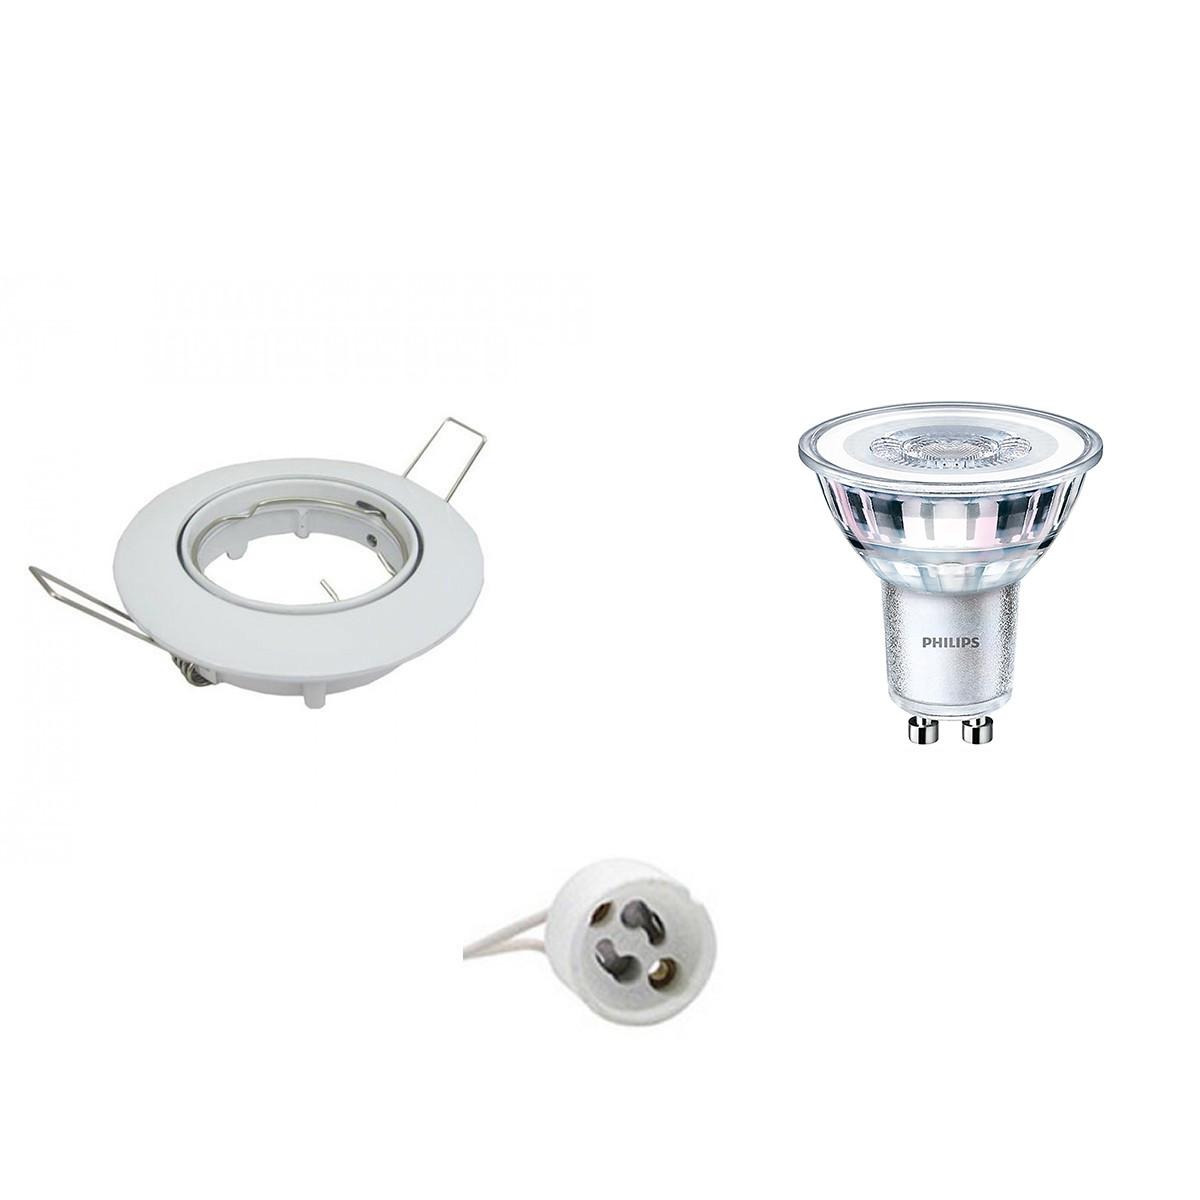 PHILIPS - LED Spot Set - CorePro 830 36D - GU10 Fitting - Inbouw Rond - Glans Wit - 3.5W - Warm Wit